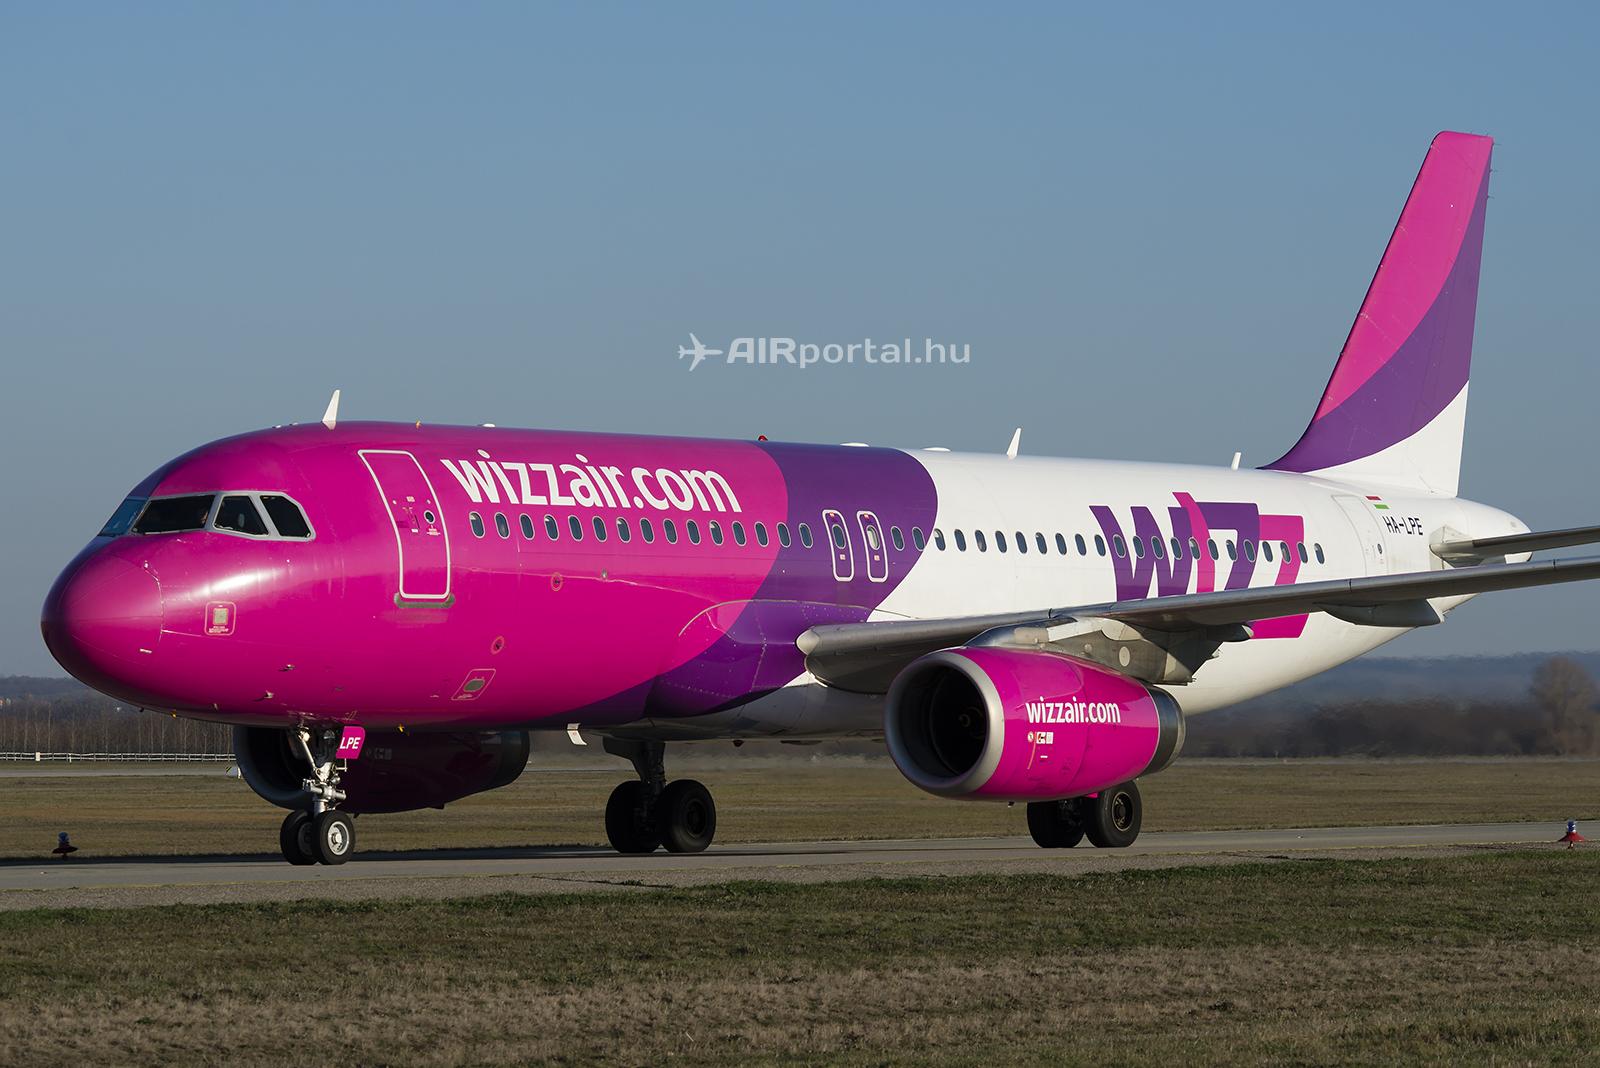 A Wizz Air HA-LPE lajstromú Airbus A320-as repülőgépe a Liszt Ferenc repülőtéren. (Fotó: Bodorics Tamás - AIRportal.hu)   © AIRportal.hu